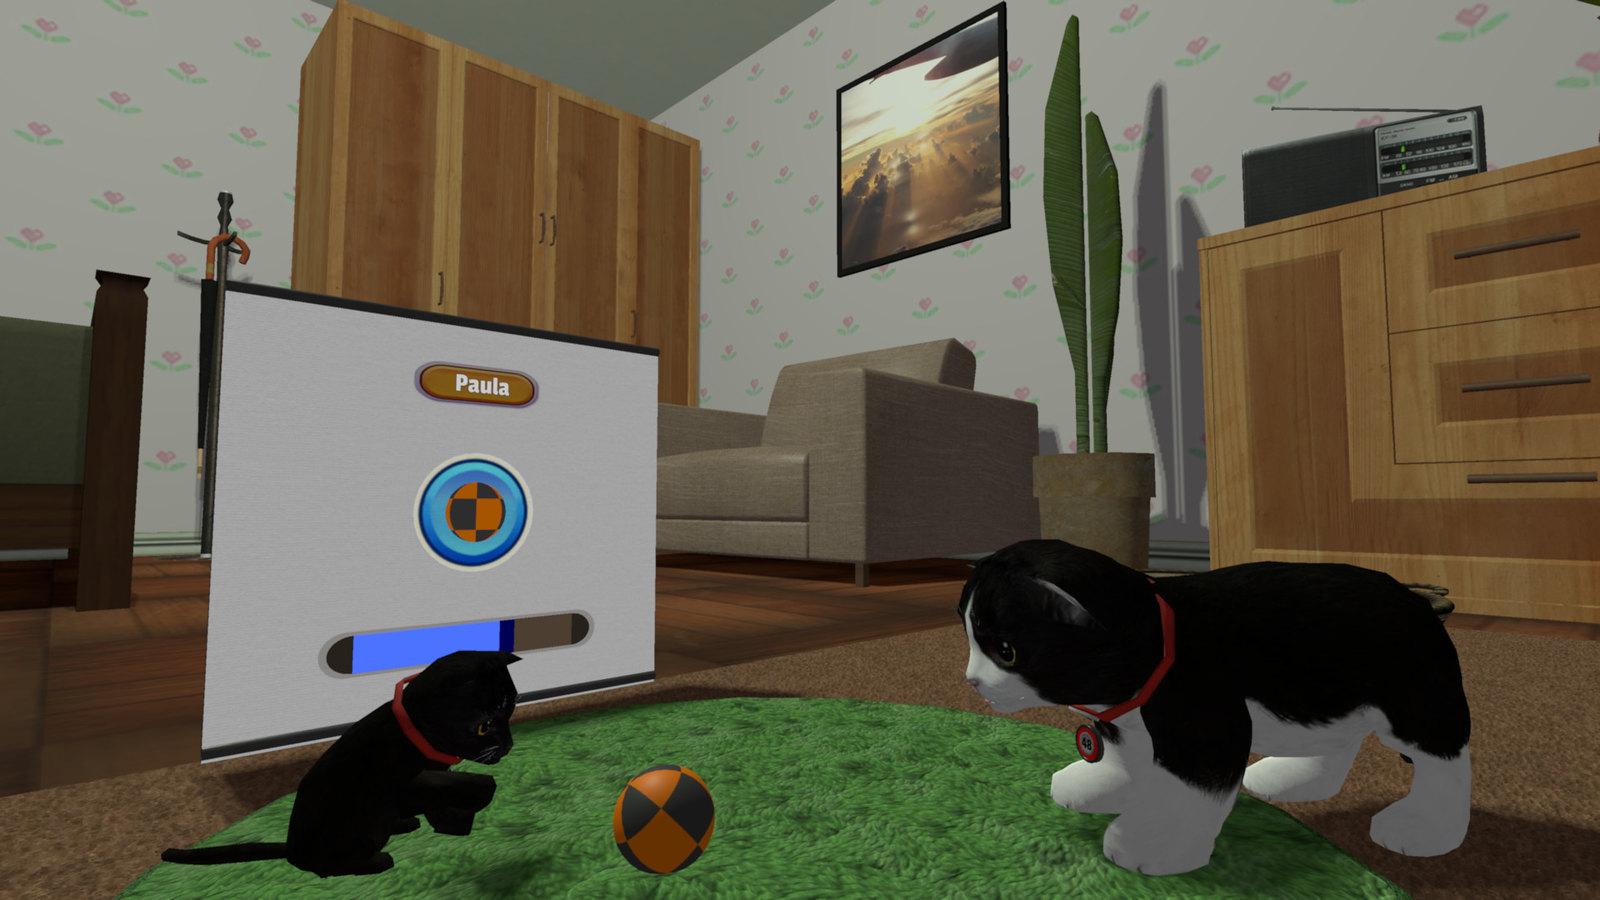 Konrad-the-Kitten-PlayStation-VR-PSVR